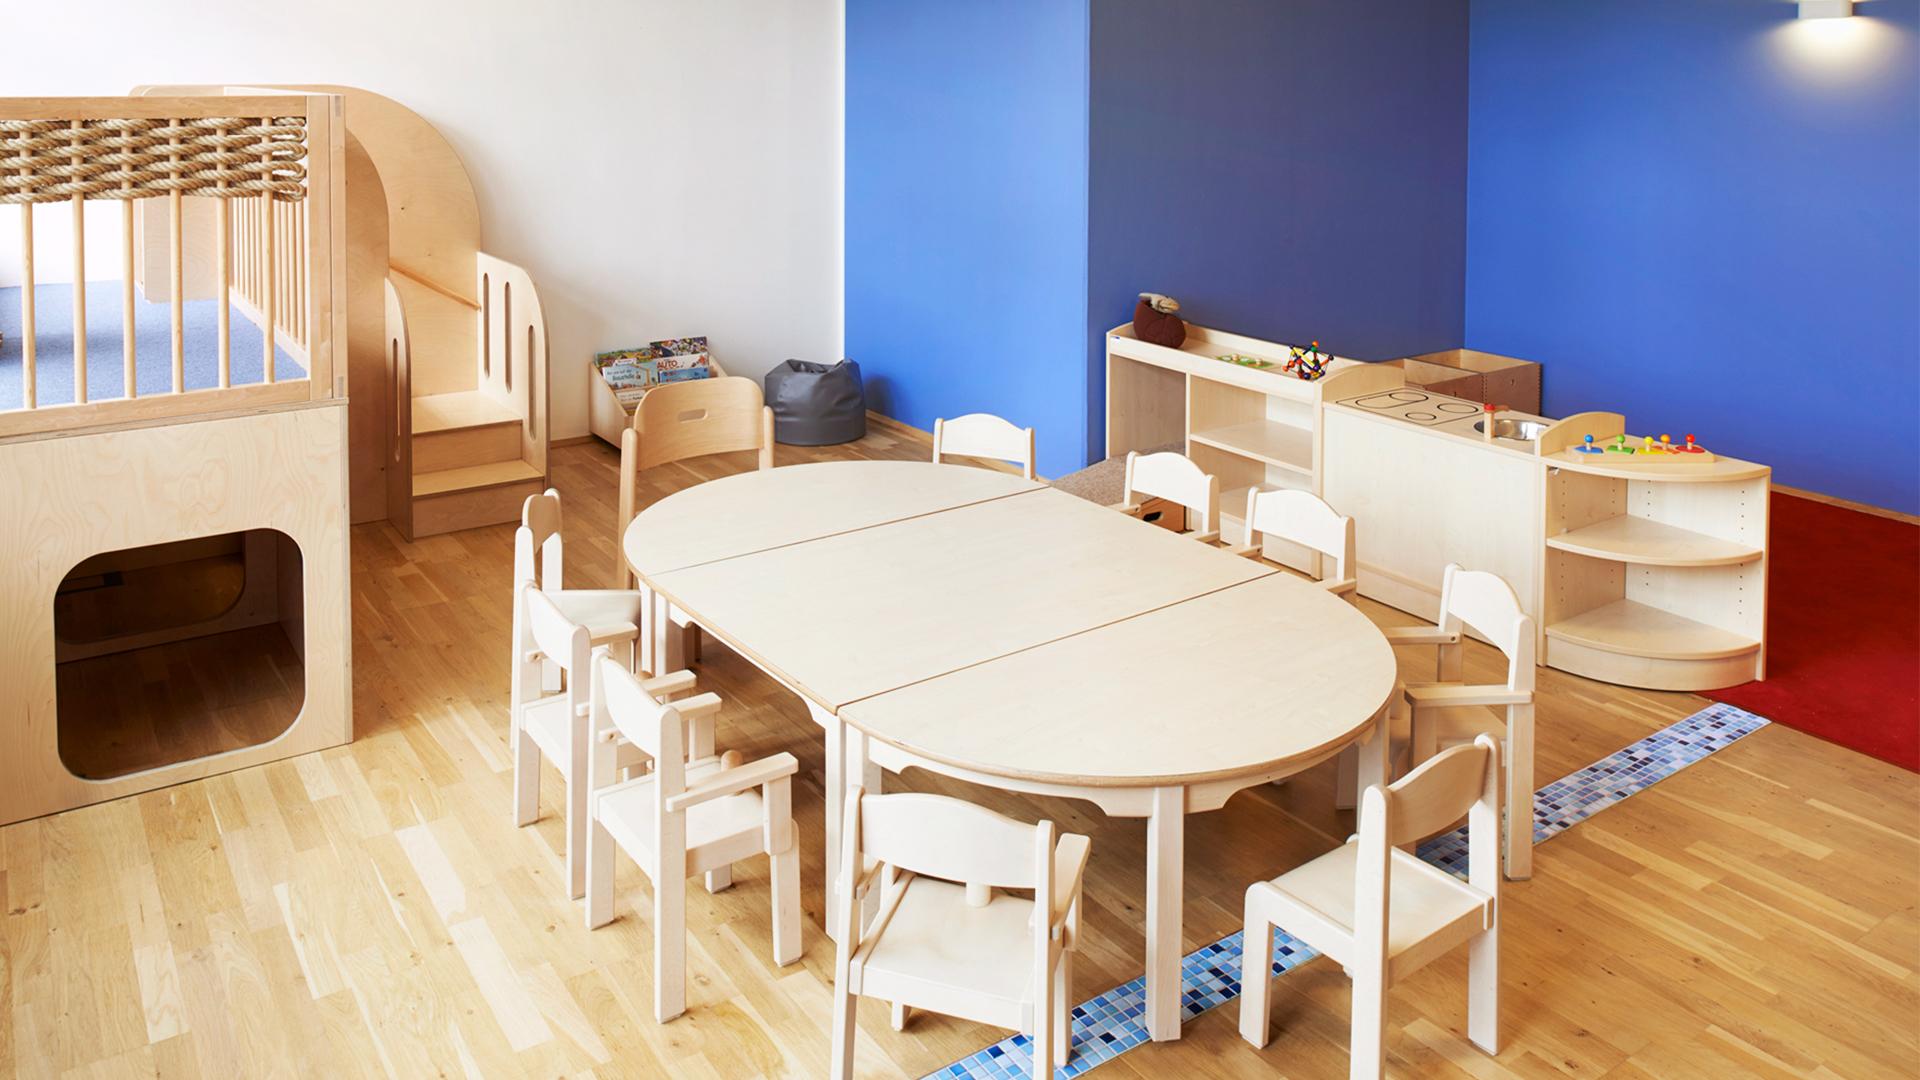 Spielküche und ein großer, runder Tisch mit Platz für viele Kinder